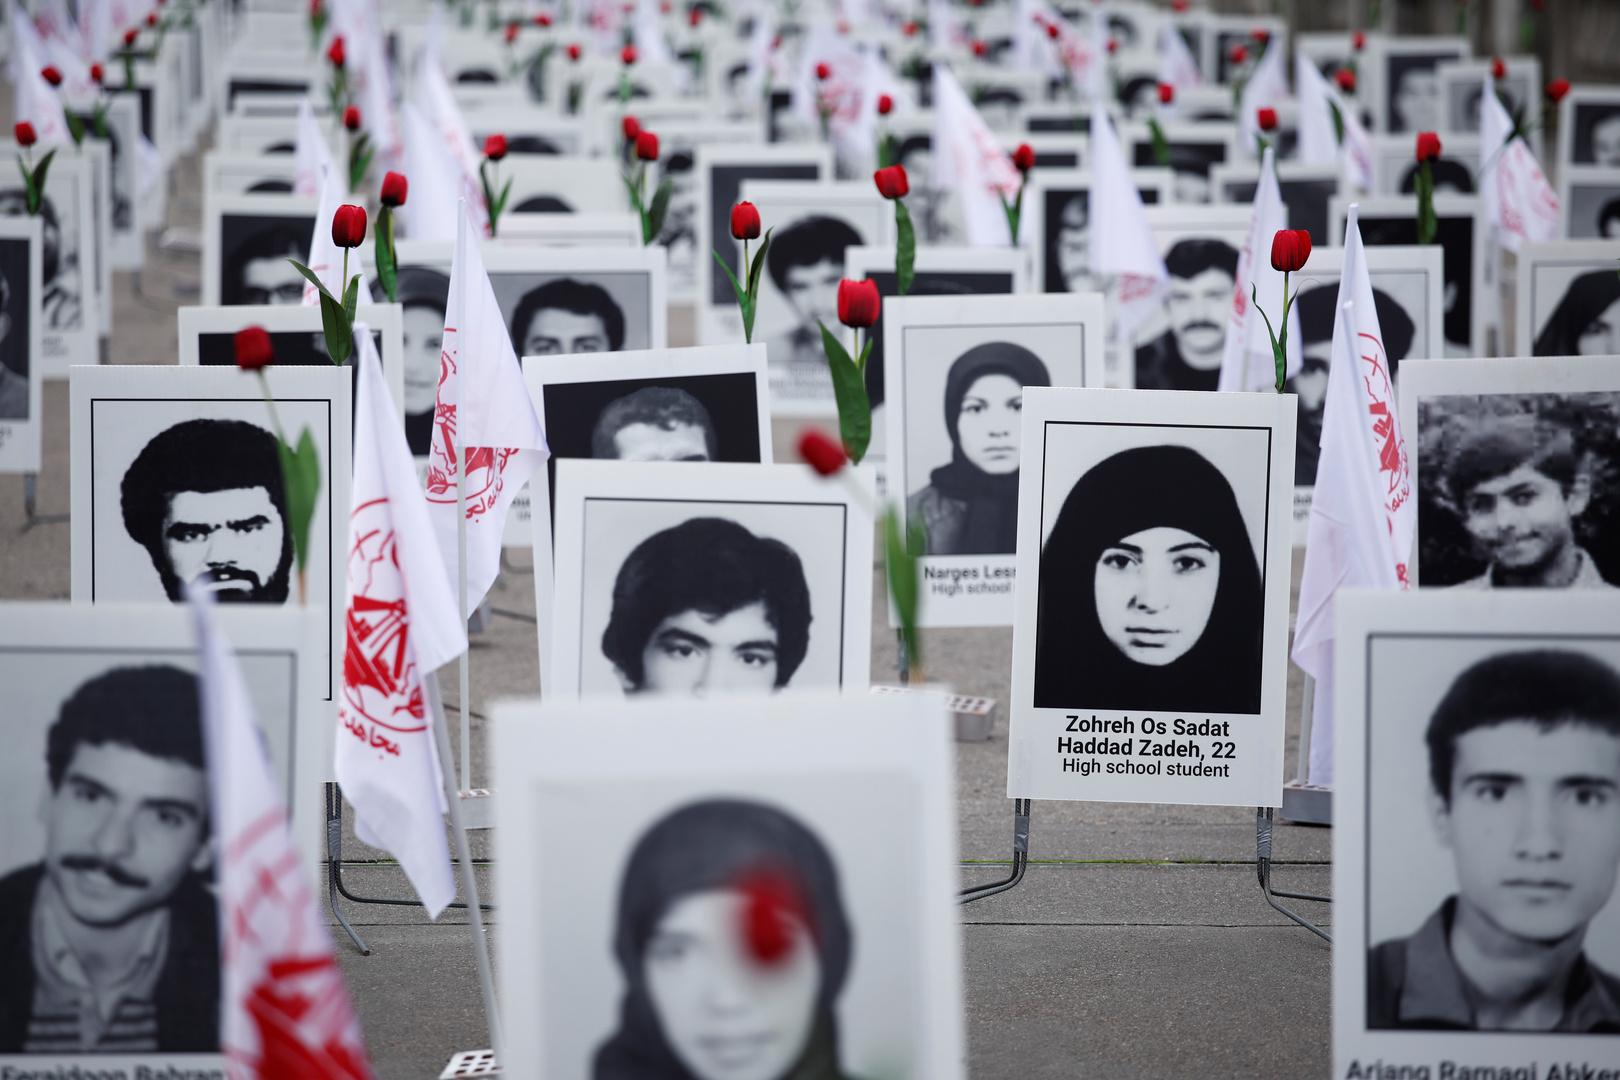 معرض تذكاري لسجناء سياسيين إيرانيين نظمته جماعة